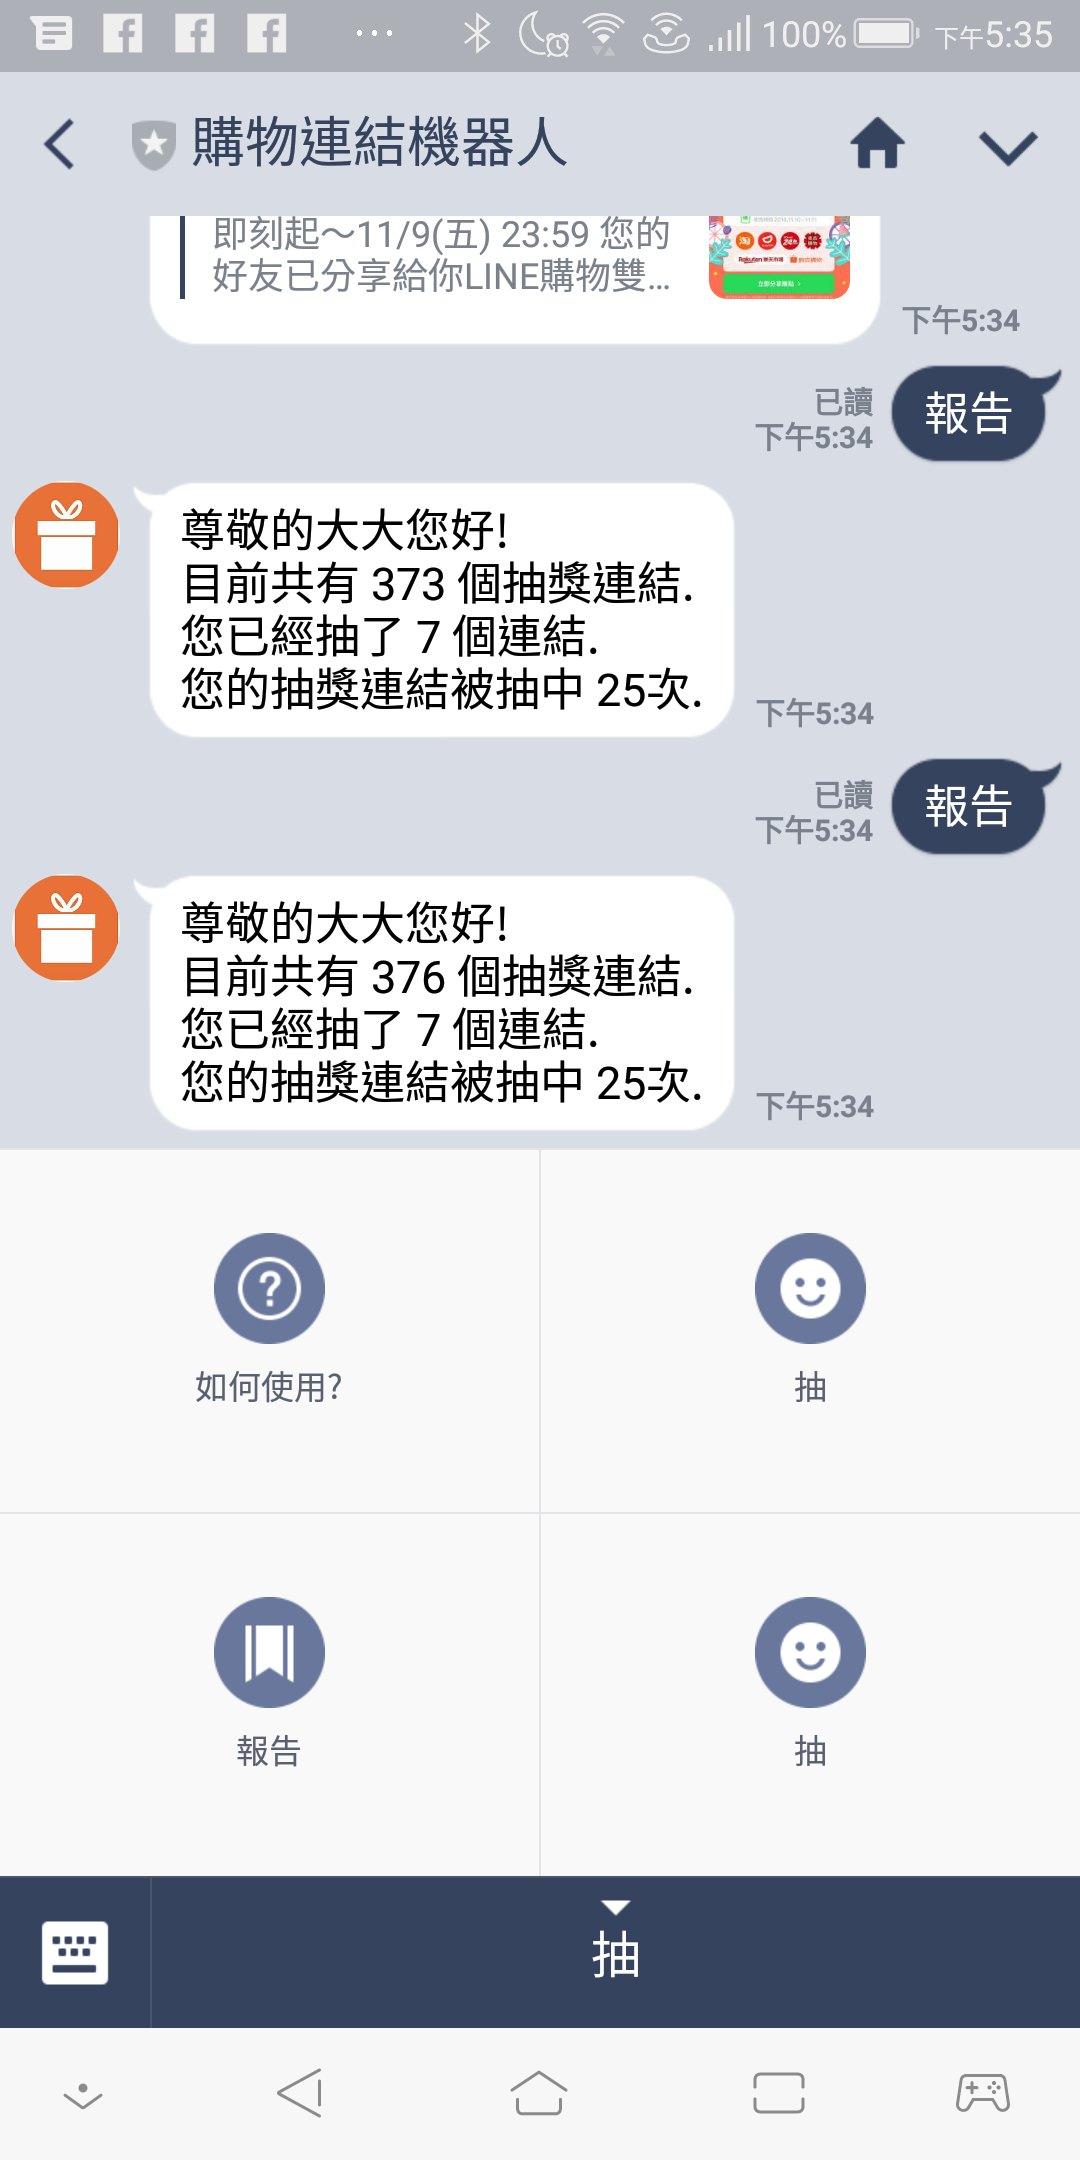 Screenshot_20181105-173508.jpg